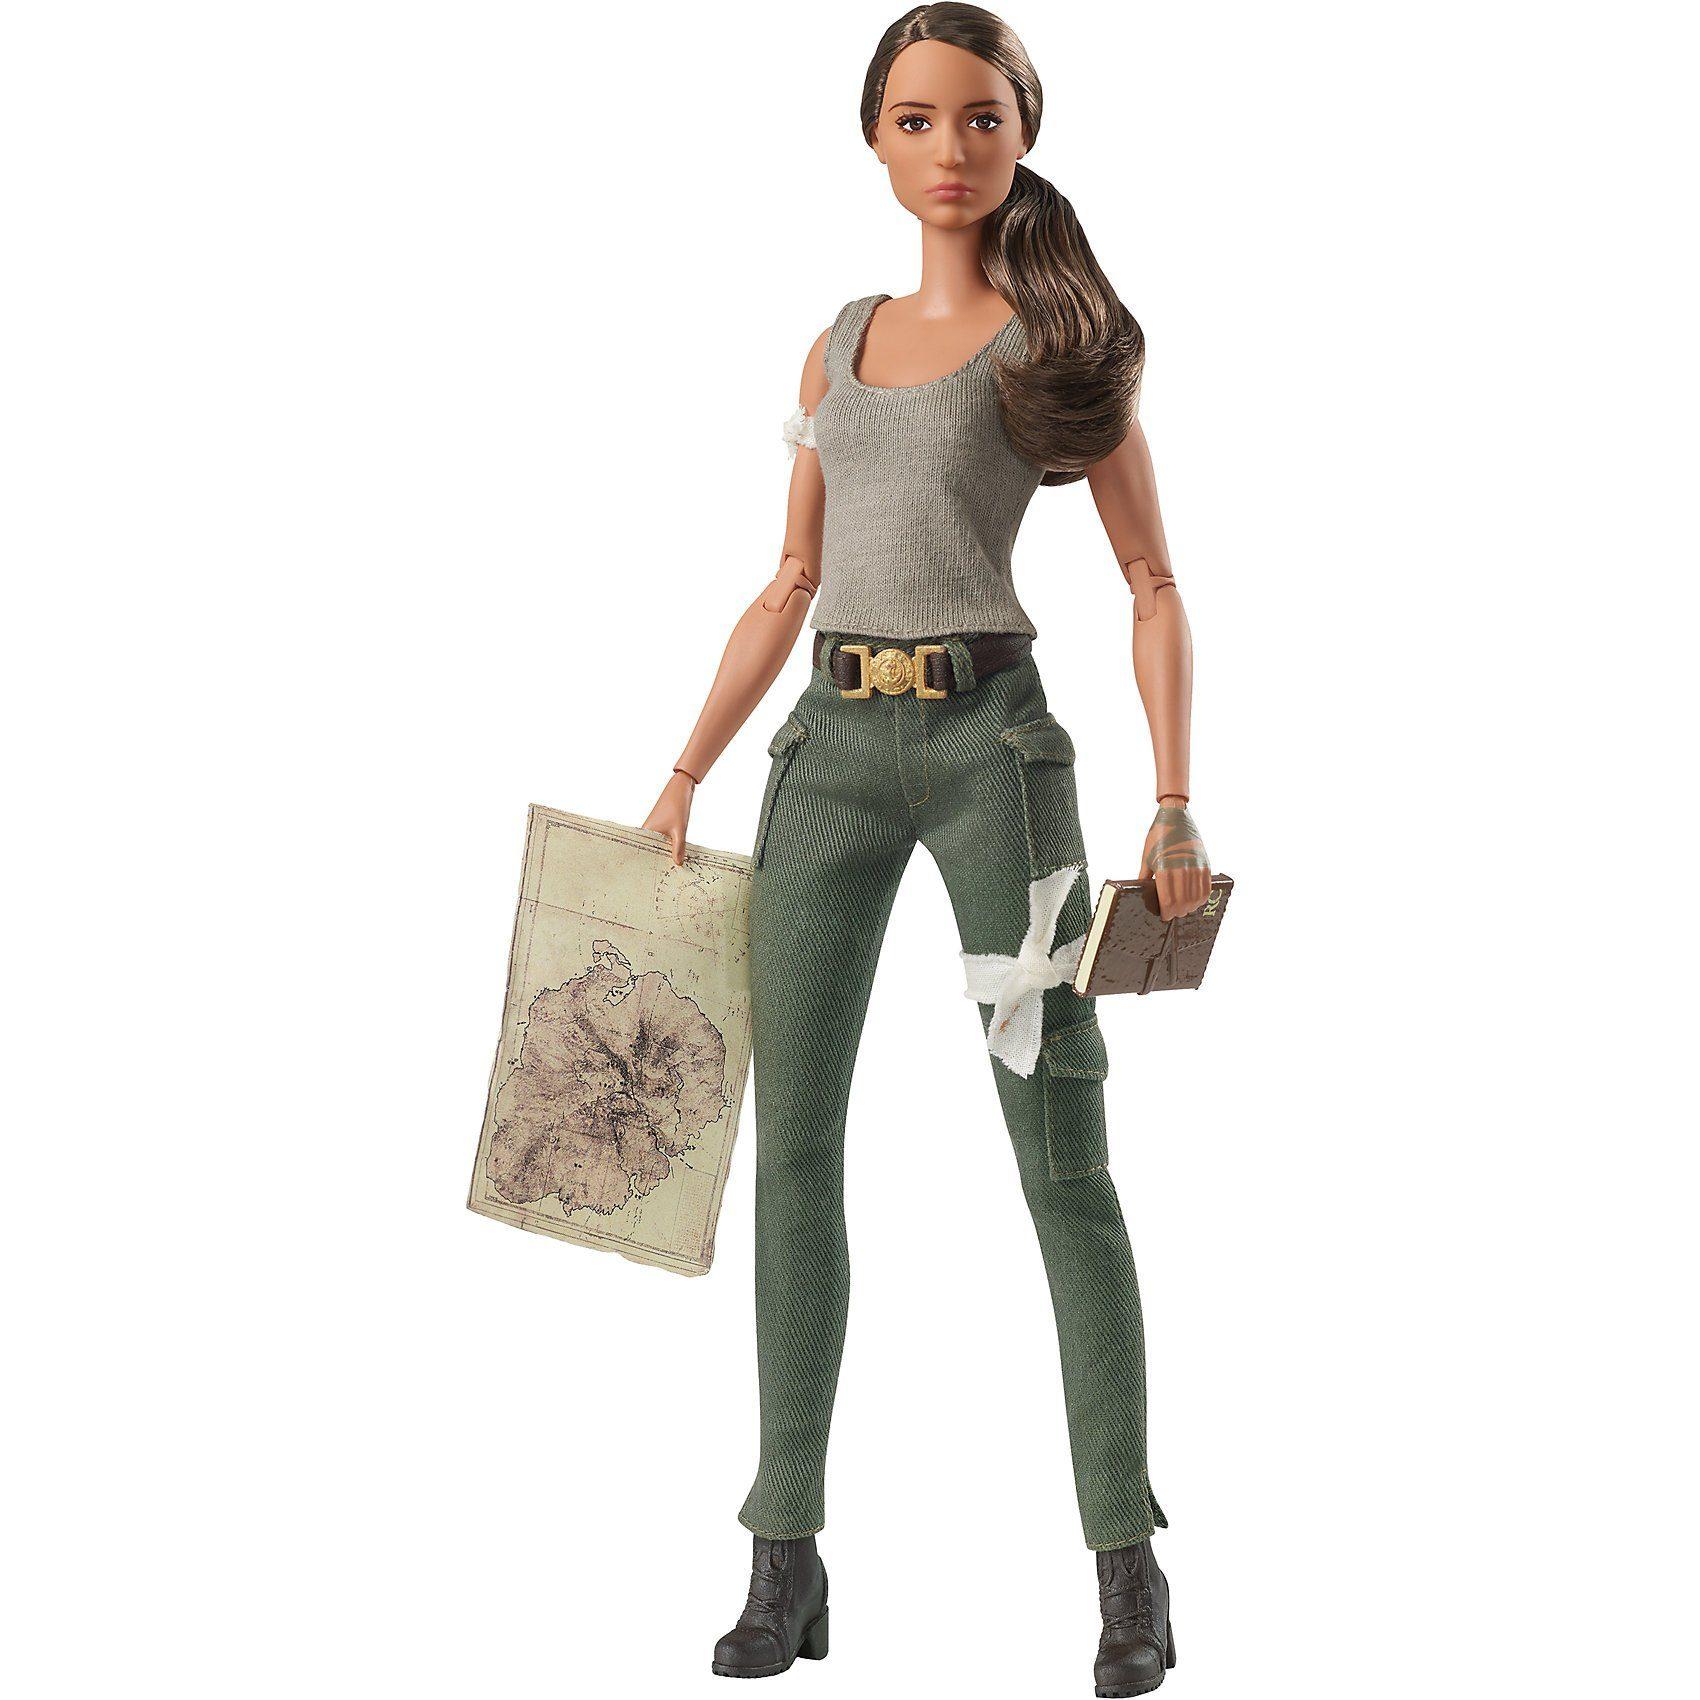 Mattel® Barbie Signature Lara Croft Barbie Puppe